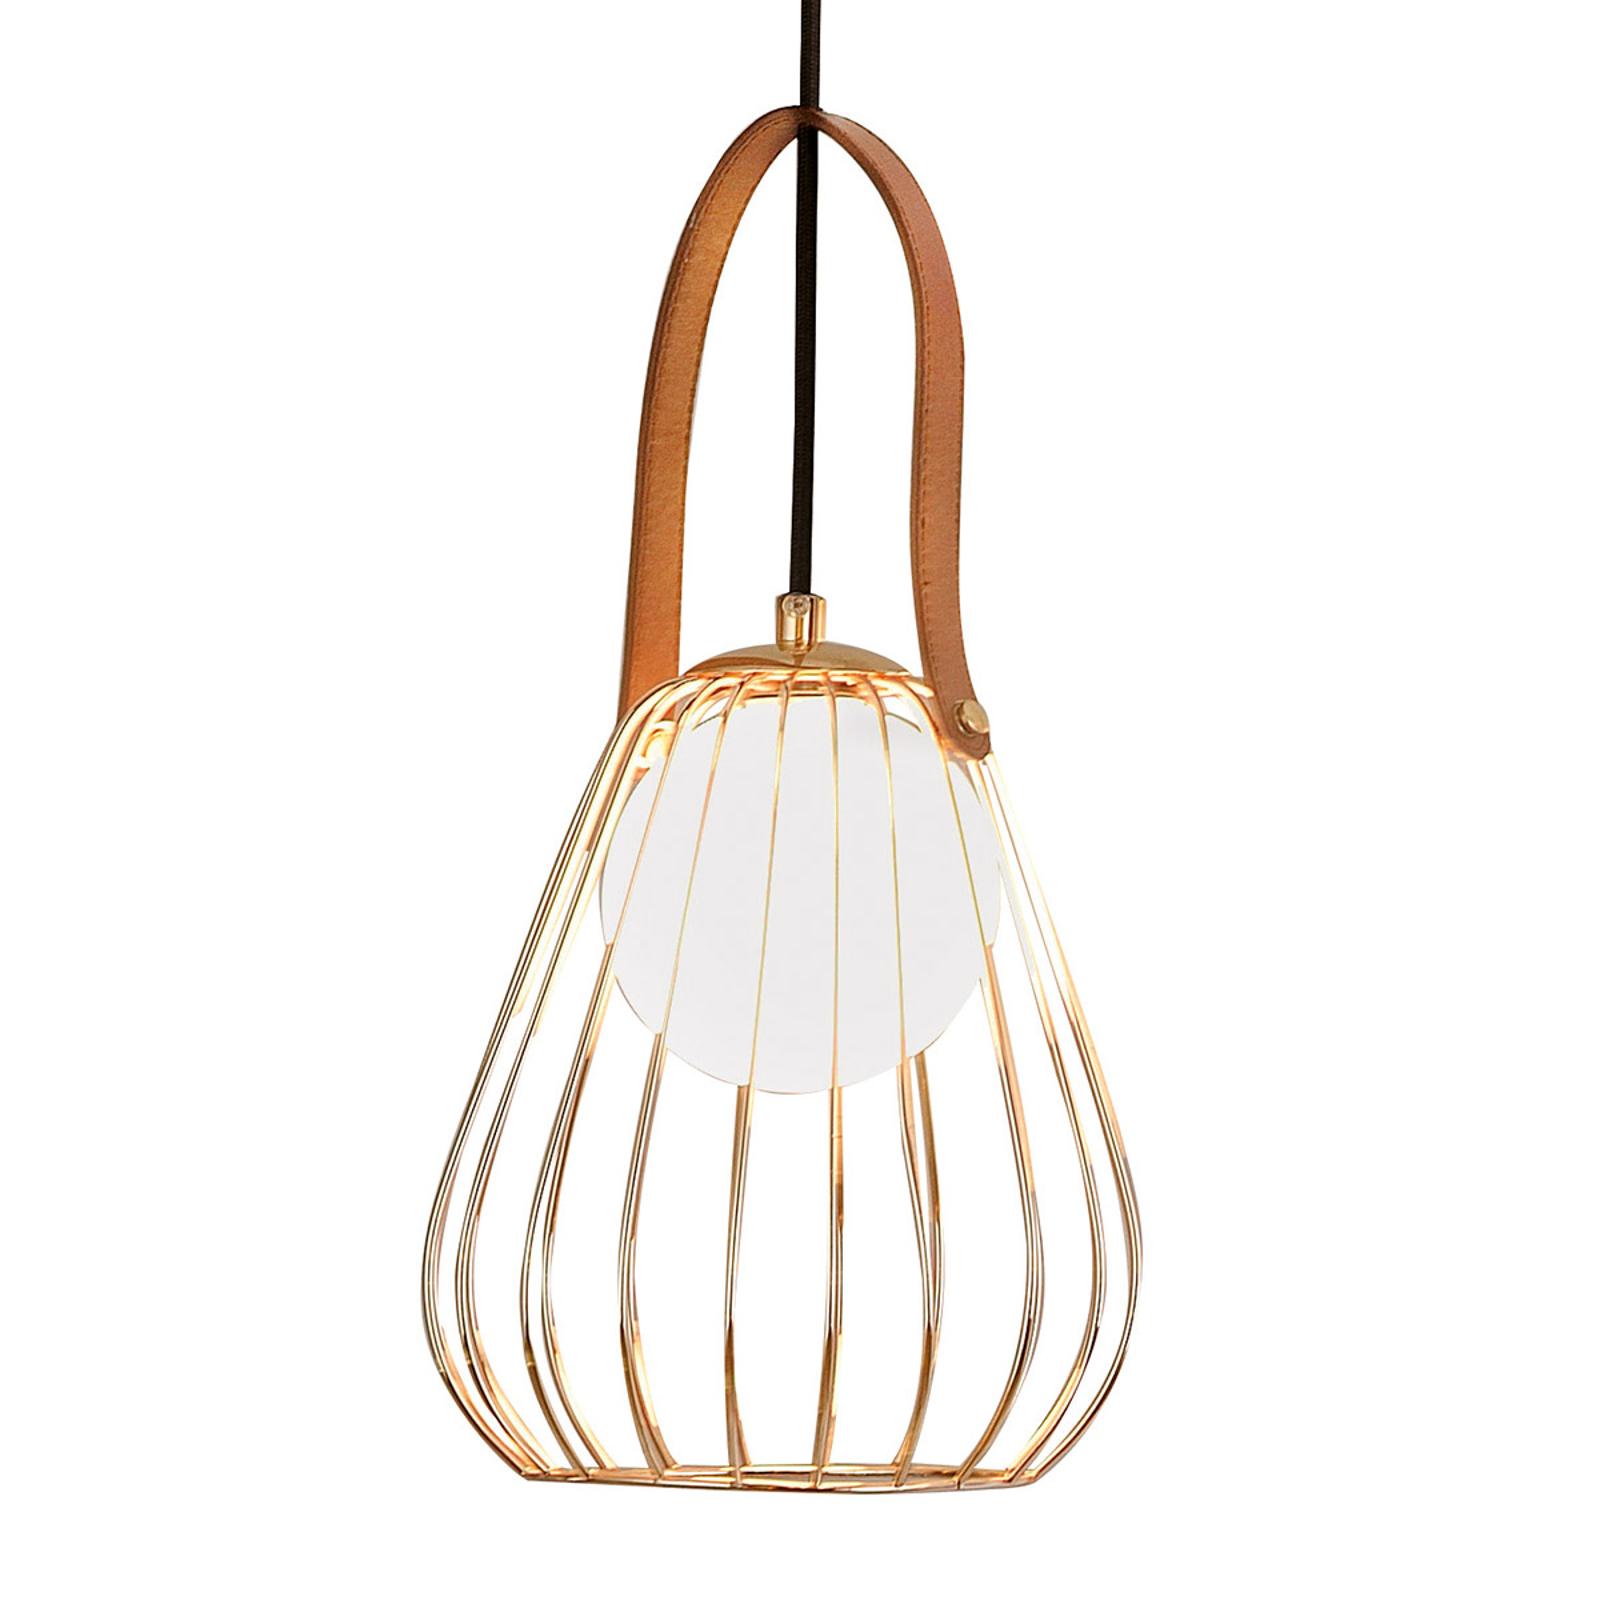 Lampa wisząca Levik ze złotą klatką Ø 18 cm